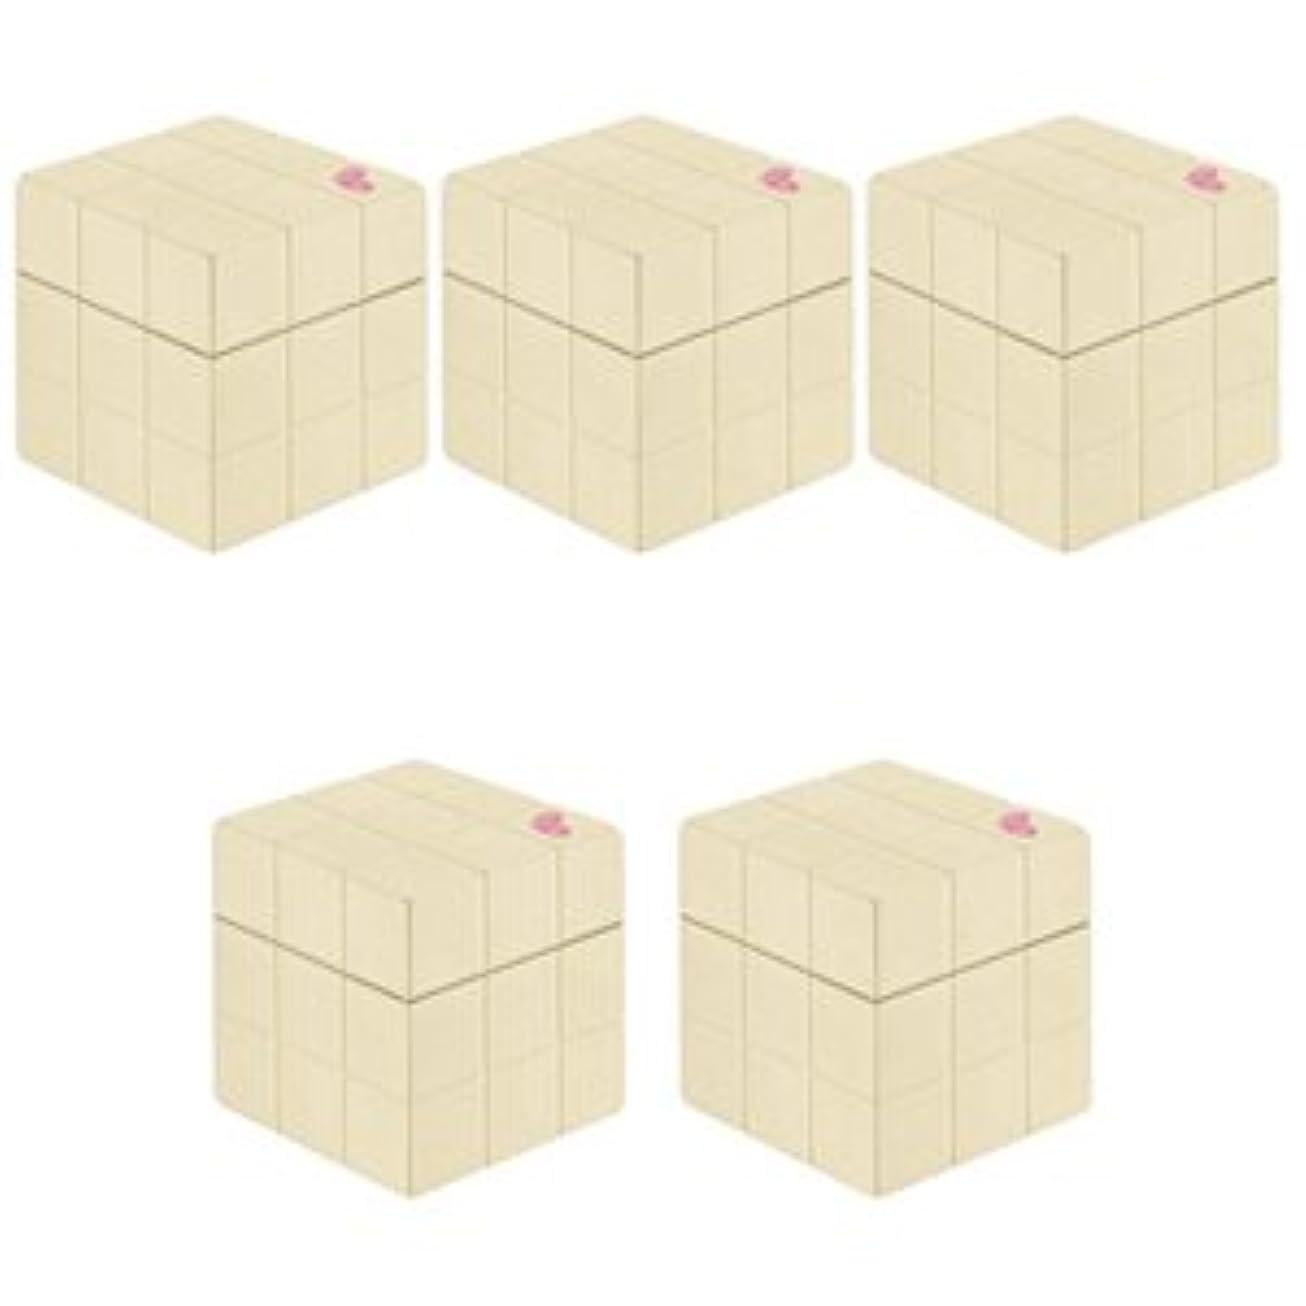 無線暖かさいつ【X5個セット】 アリミノ ピース プロデザインシリーズ ニュアンスワックス バニラ 80g